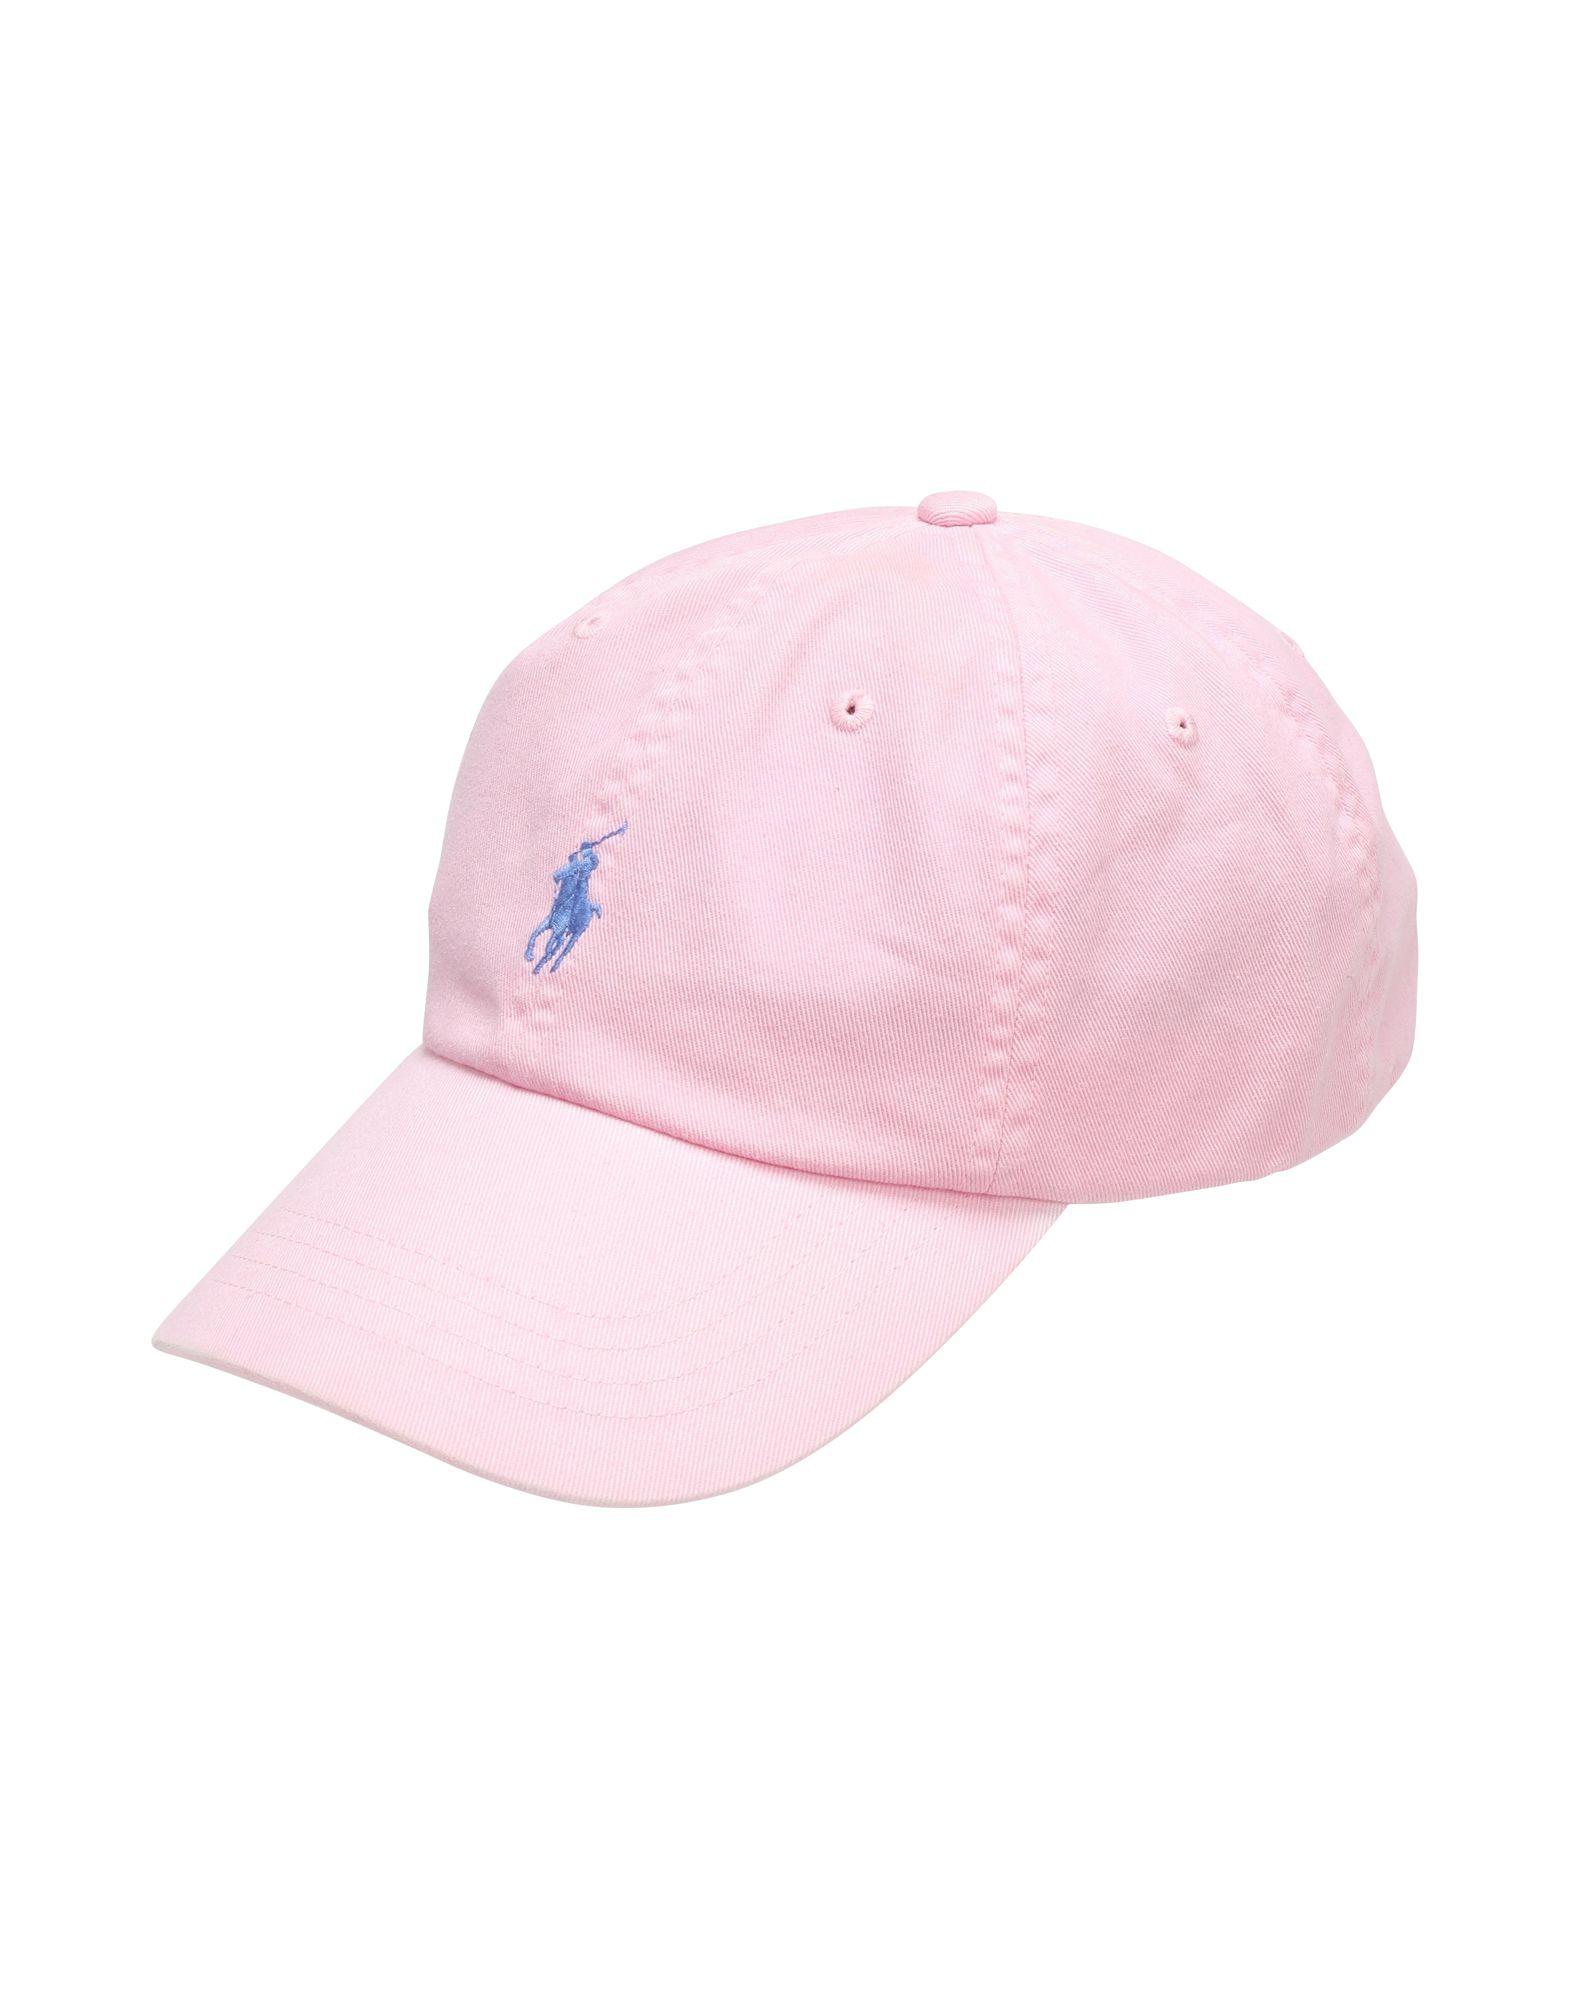 《セール開催中》POLO RALPH LAUREN メンズ 帽子 ピンク one size コットン 100% Cotton Chino Baseball Cap